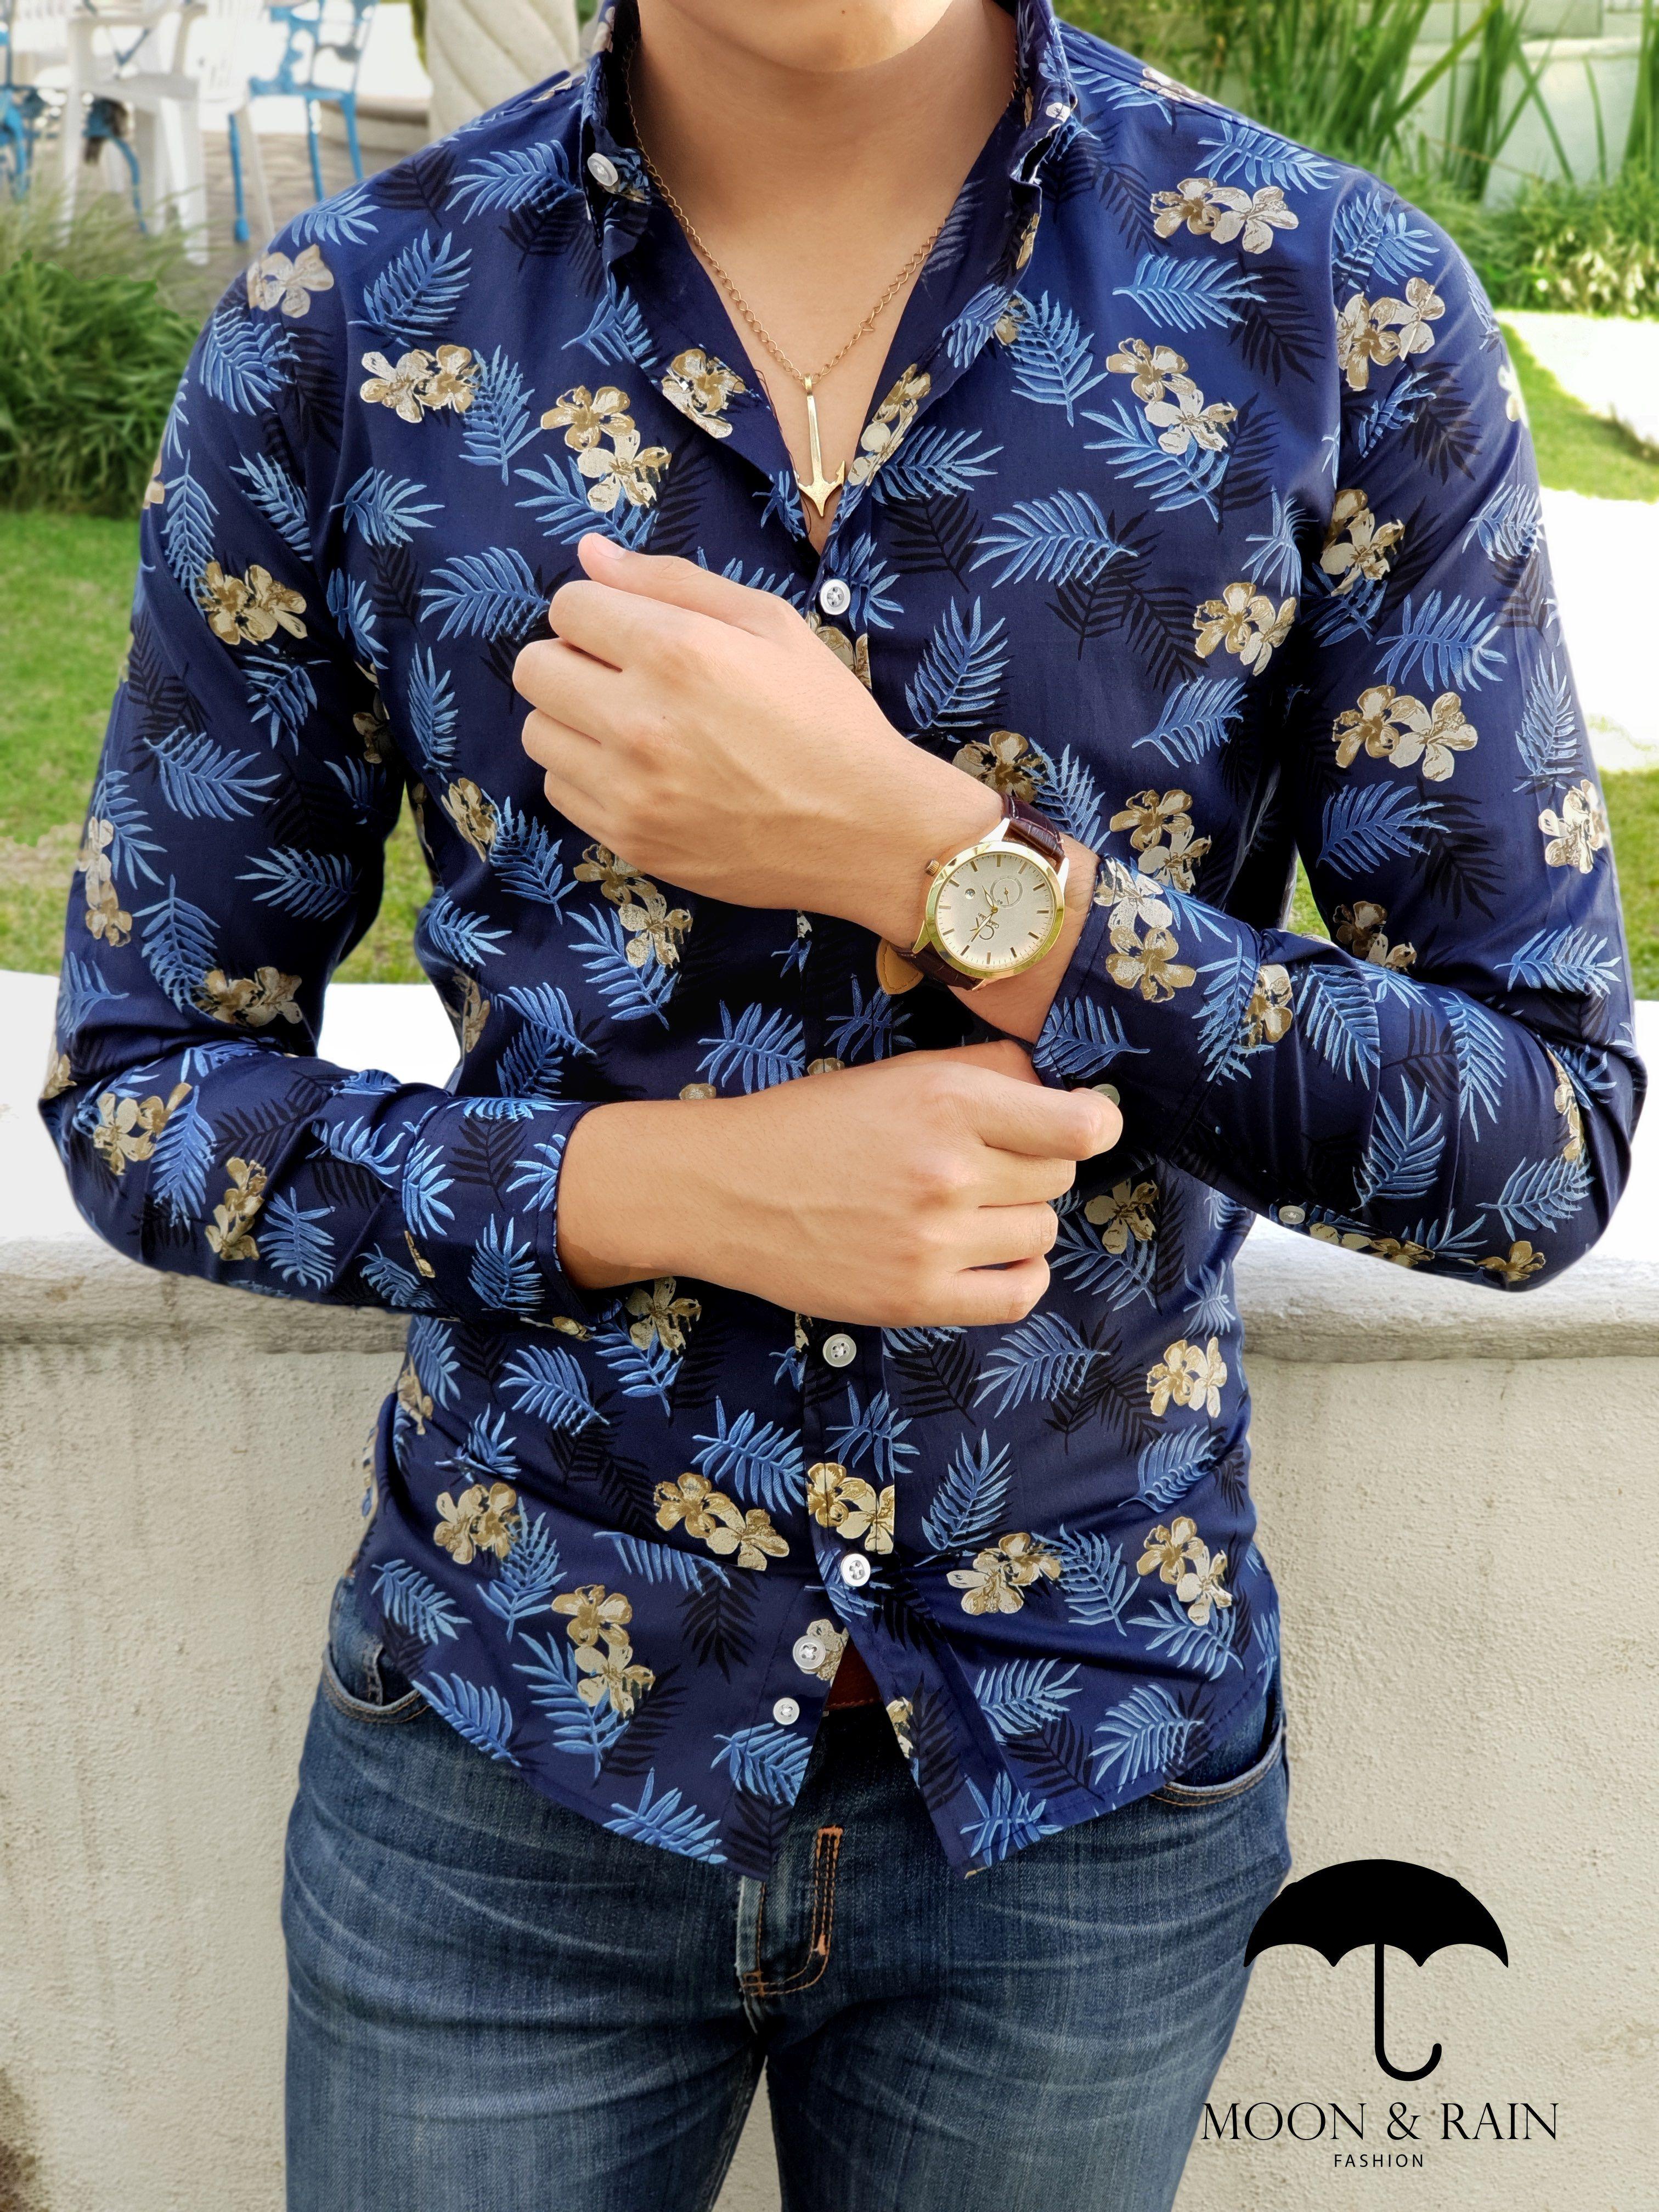 9b0f94bbd Outfit para hombre  camisa marino con flores azules y amarillas en manga  larga y jeans de mezclilla